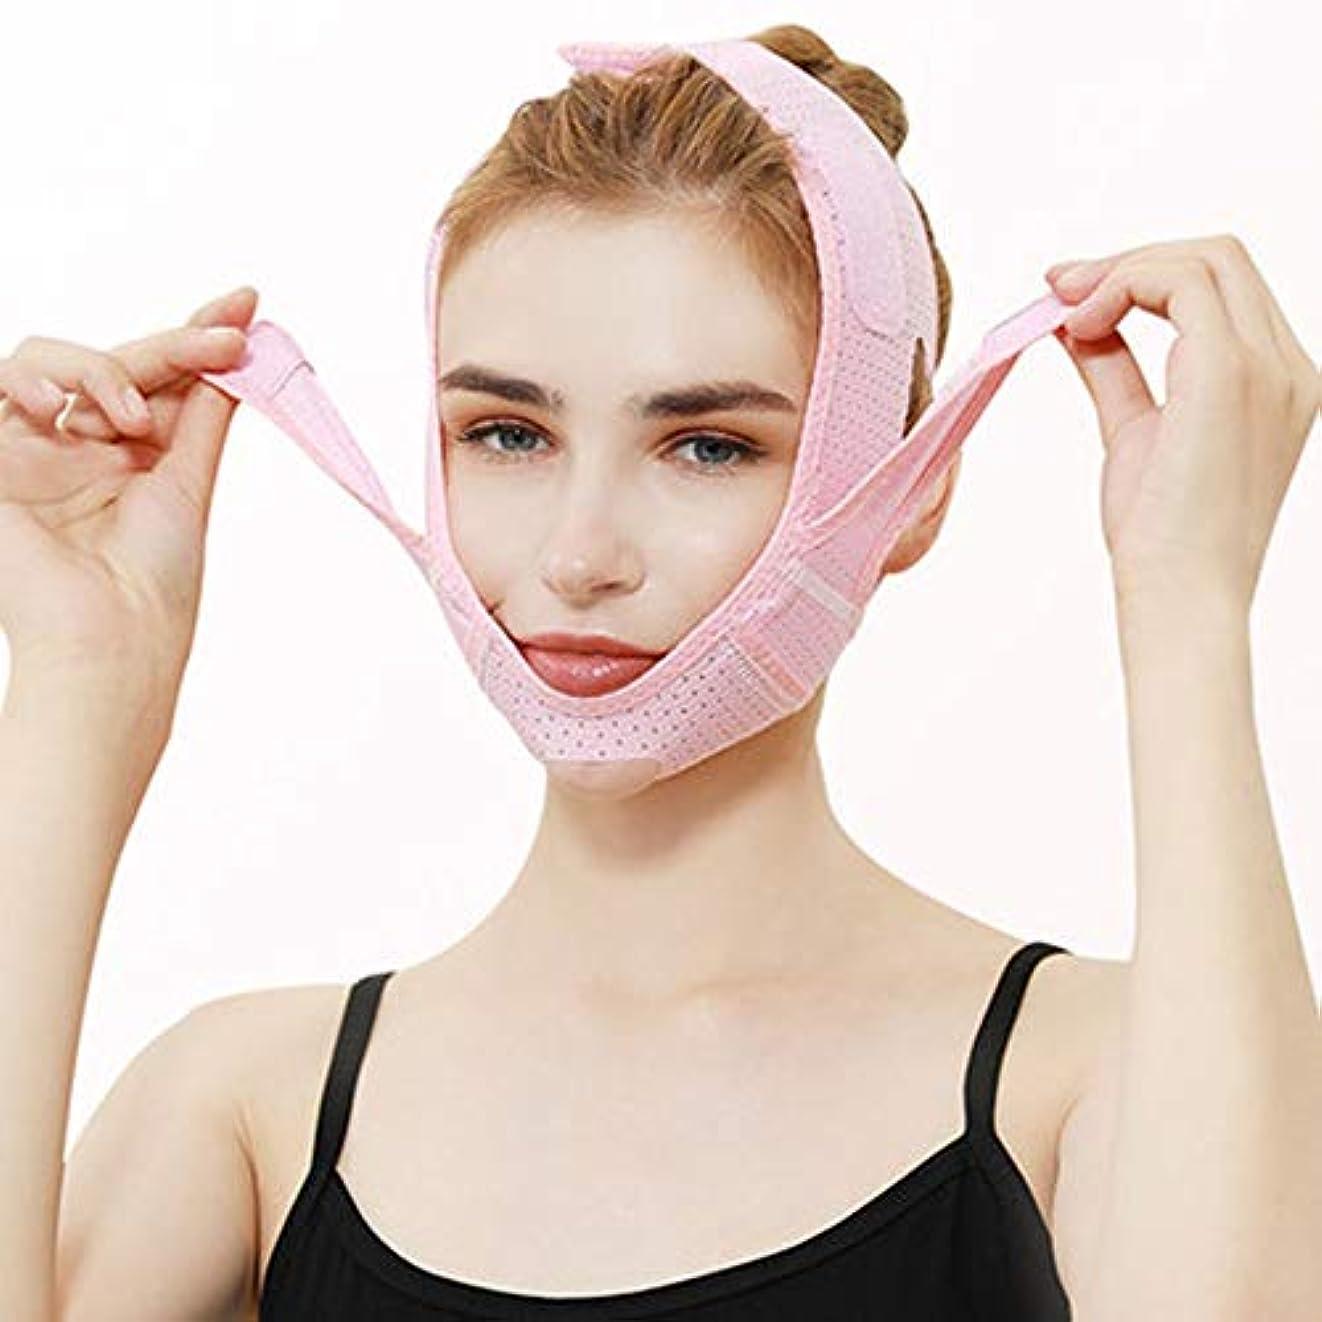 の慈悲で確立負荷Nfudishpu薄い顔のステッカーアーティファクト睡眠包帯プルV顔引き締め垂れ下がった法則パターン二重あごバイト筋肉マスク形状調整可能